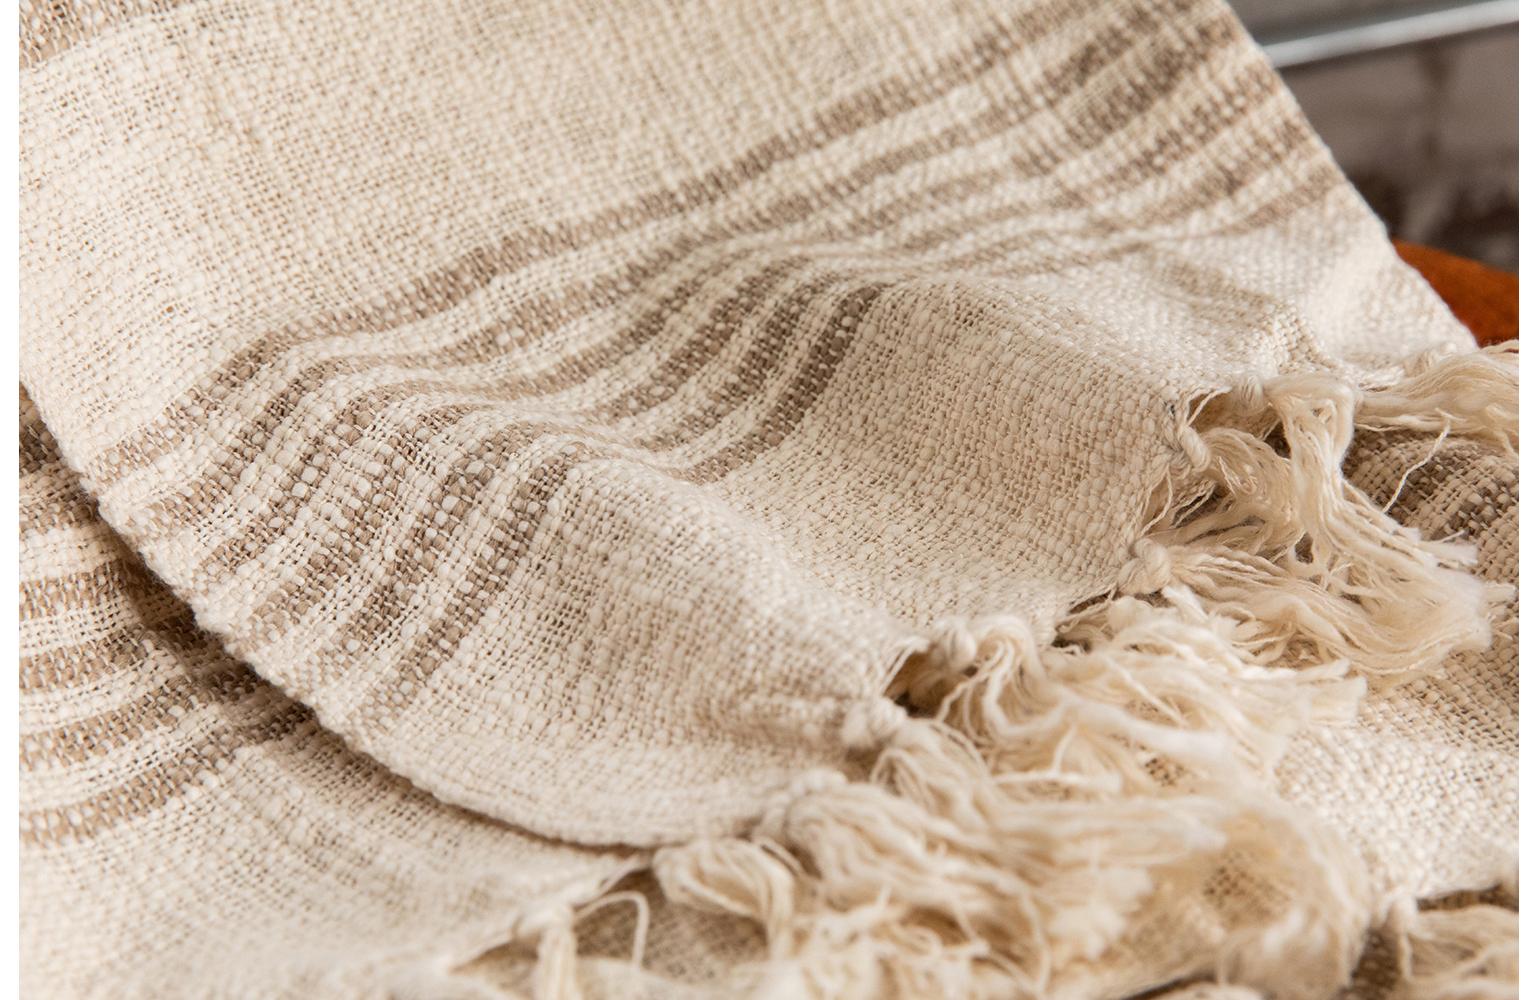 prop-styling-woven-blanket.jpg